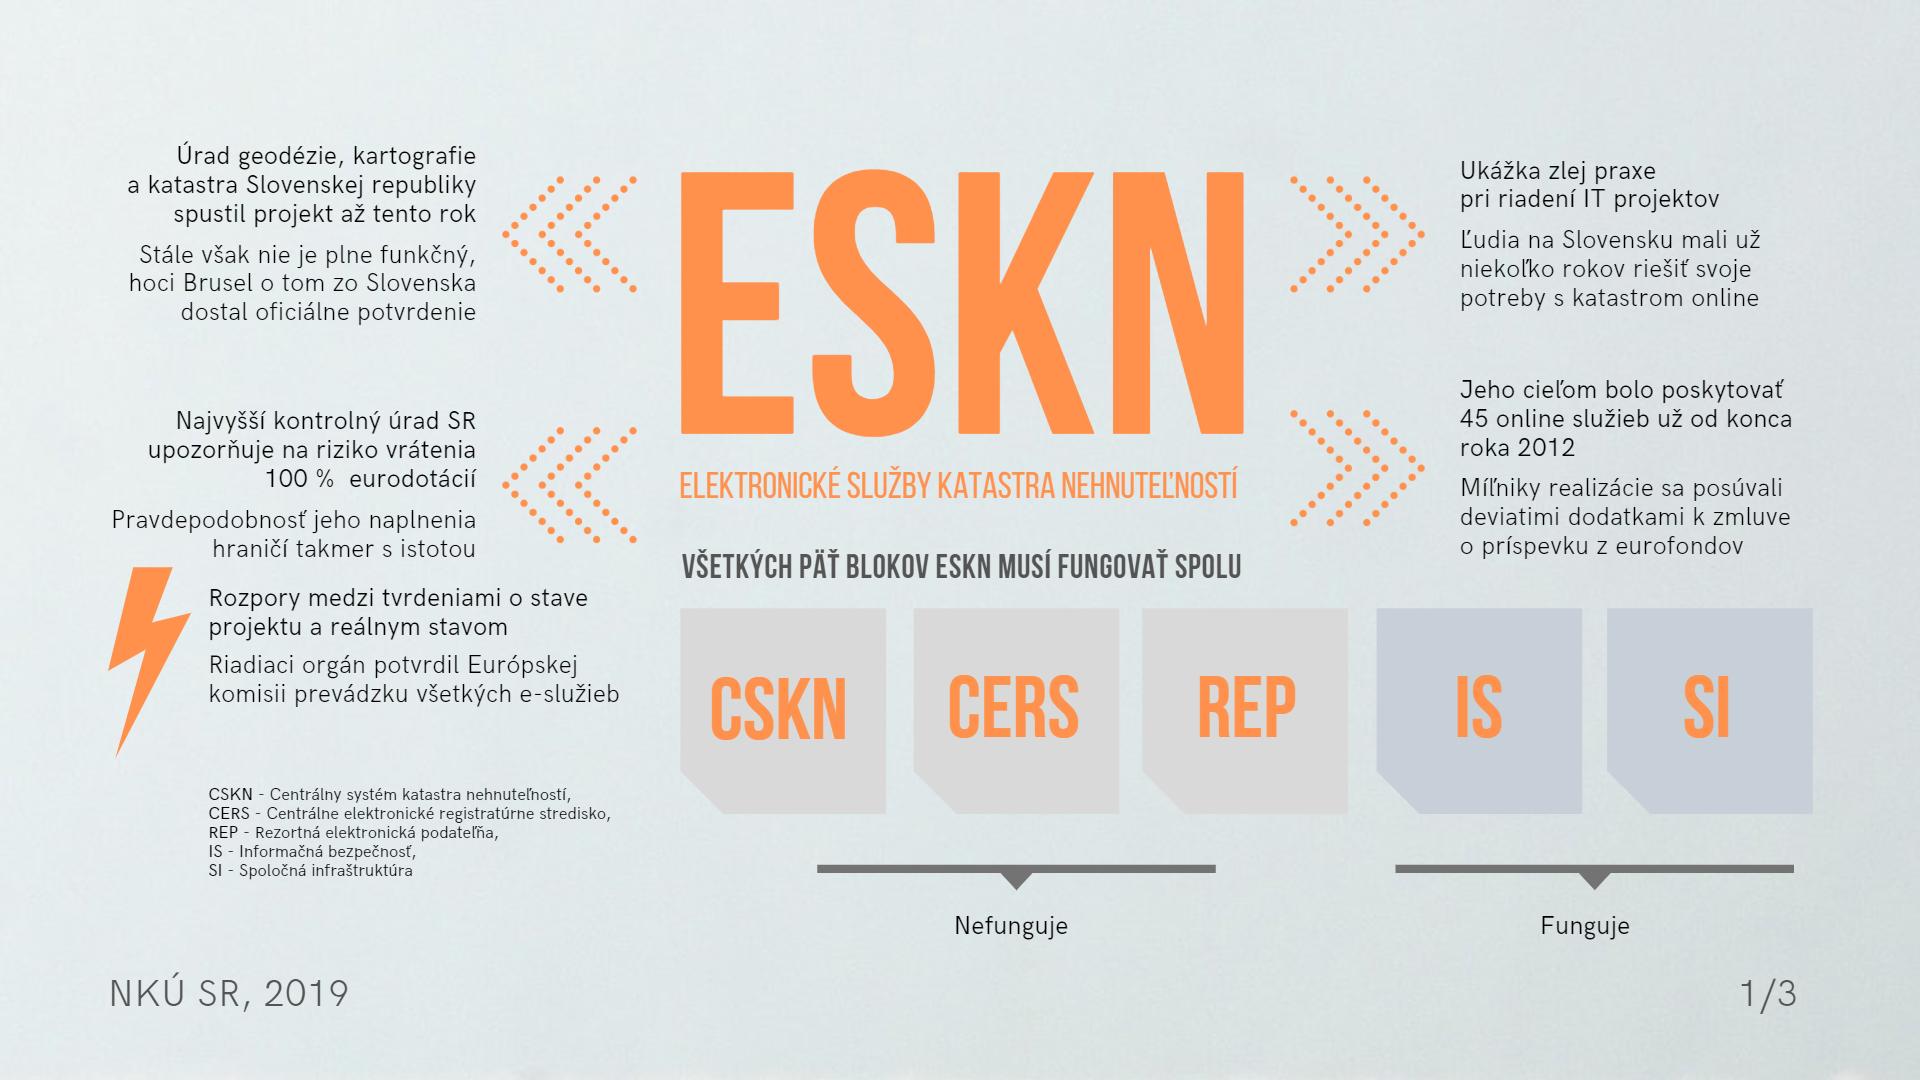 Infografika 1 Elektronické služby katastra nehnuteľností